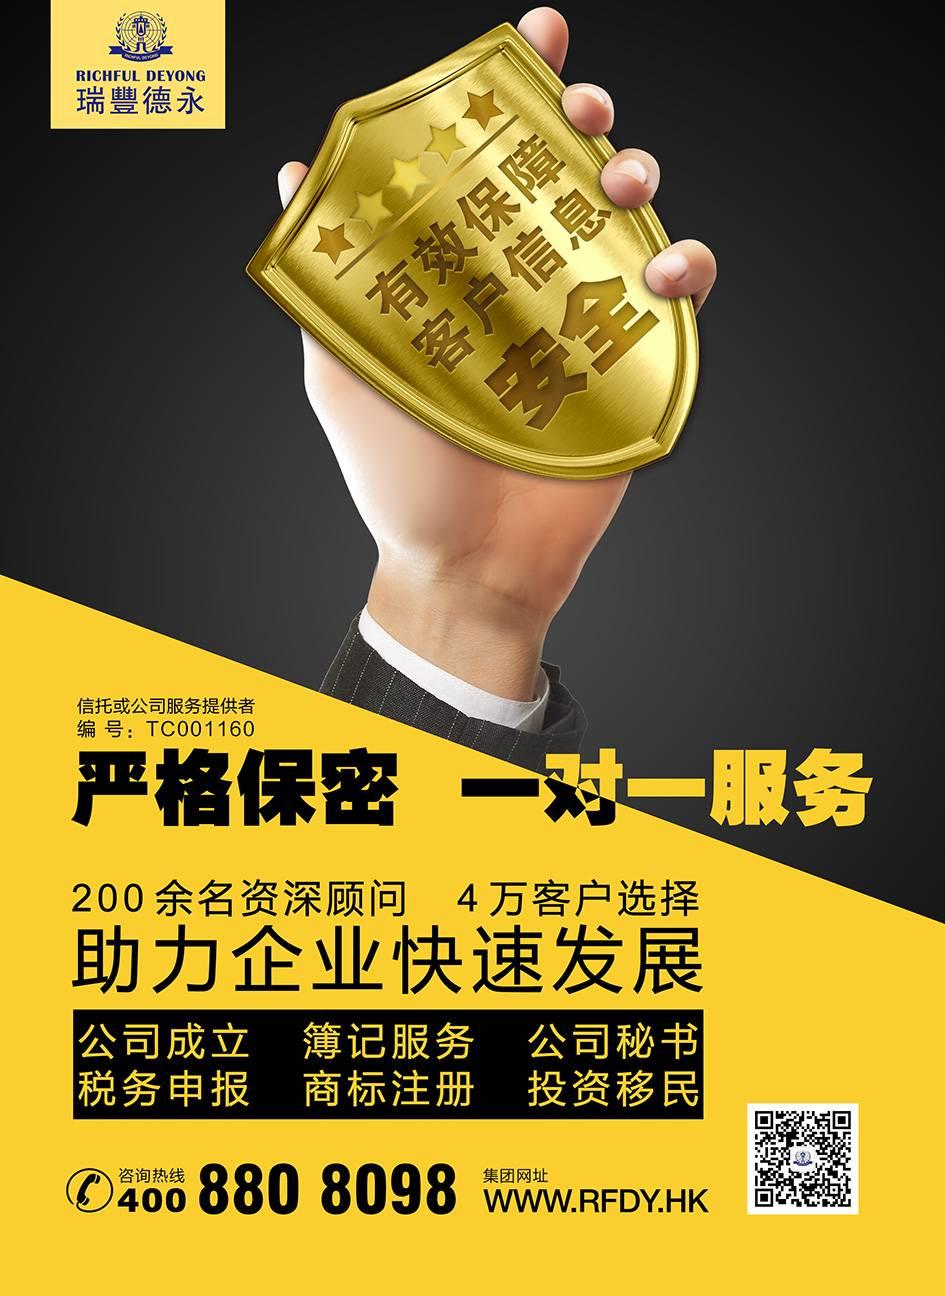 通过注册香港海外离岸公司商业运作 企业国际化之路更顺畅